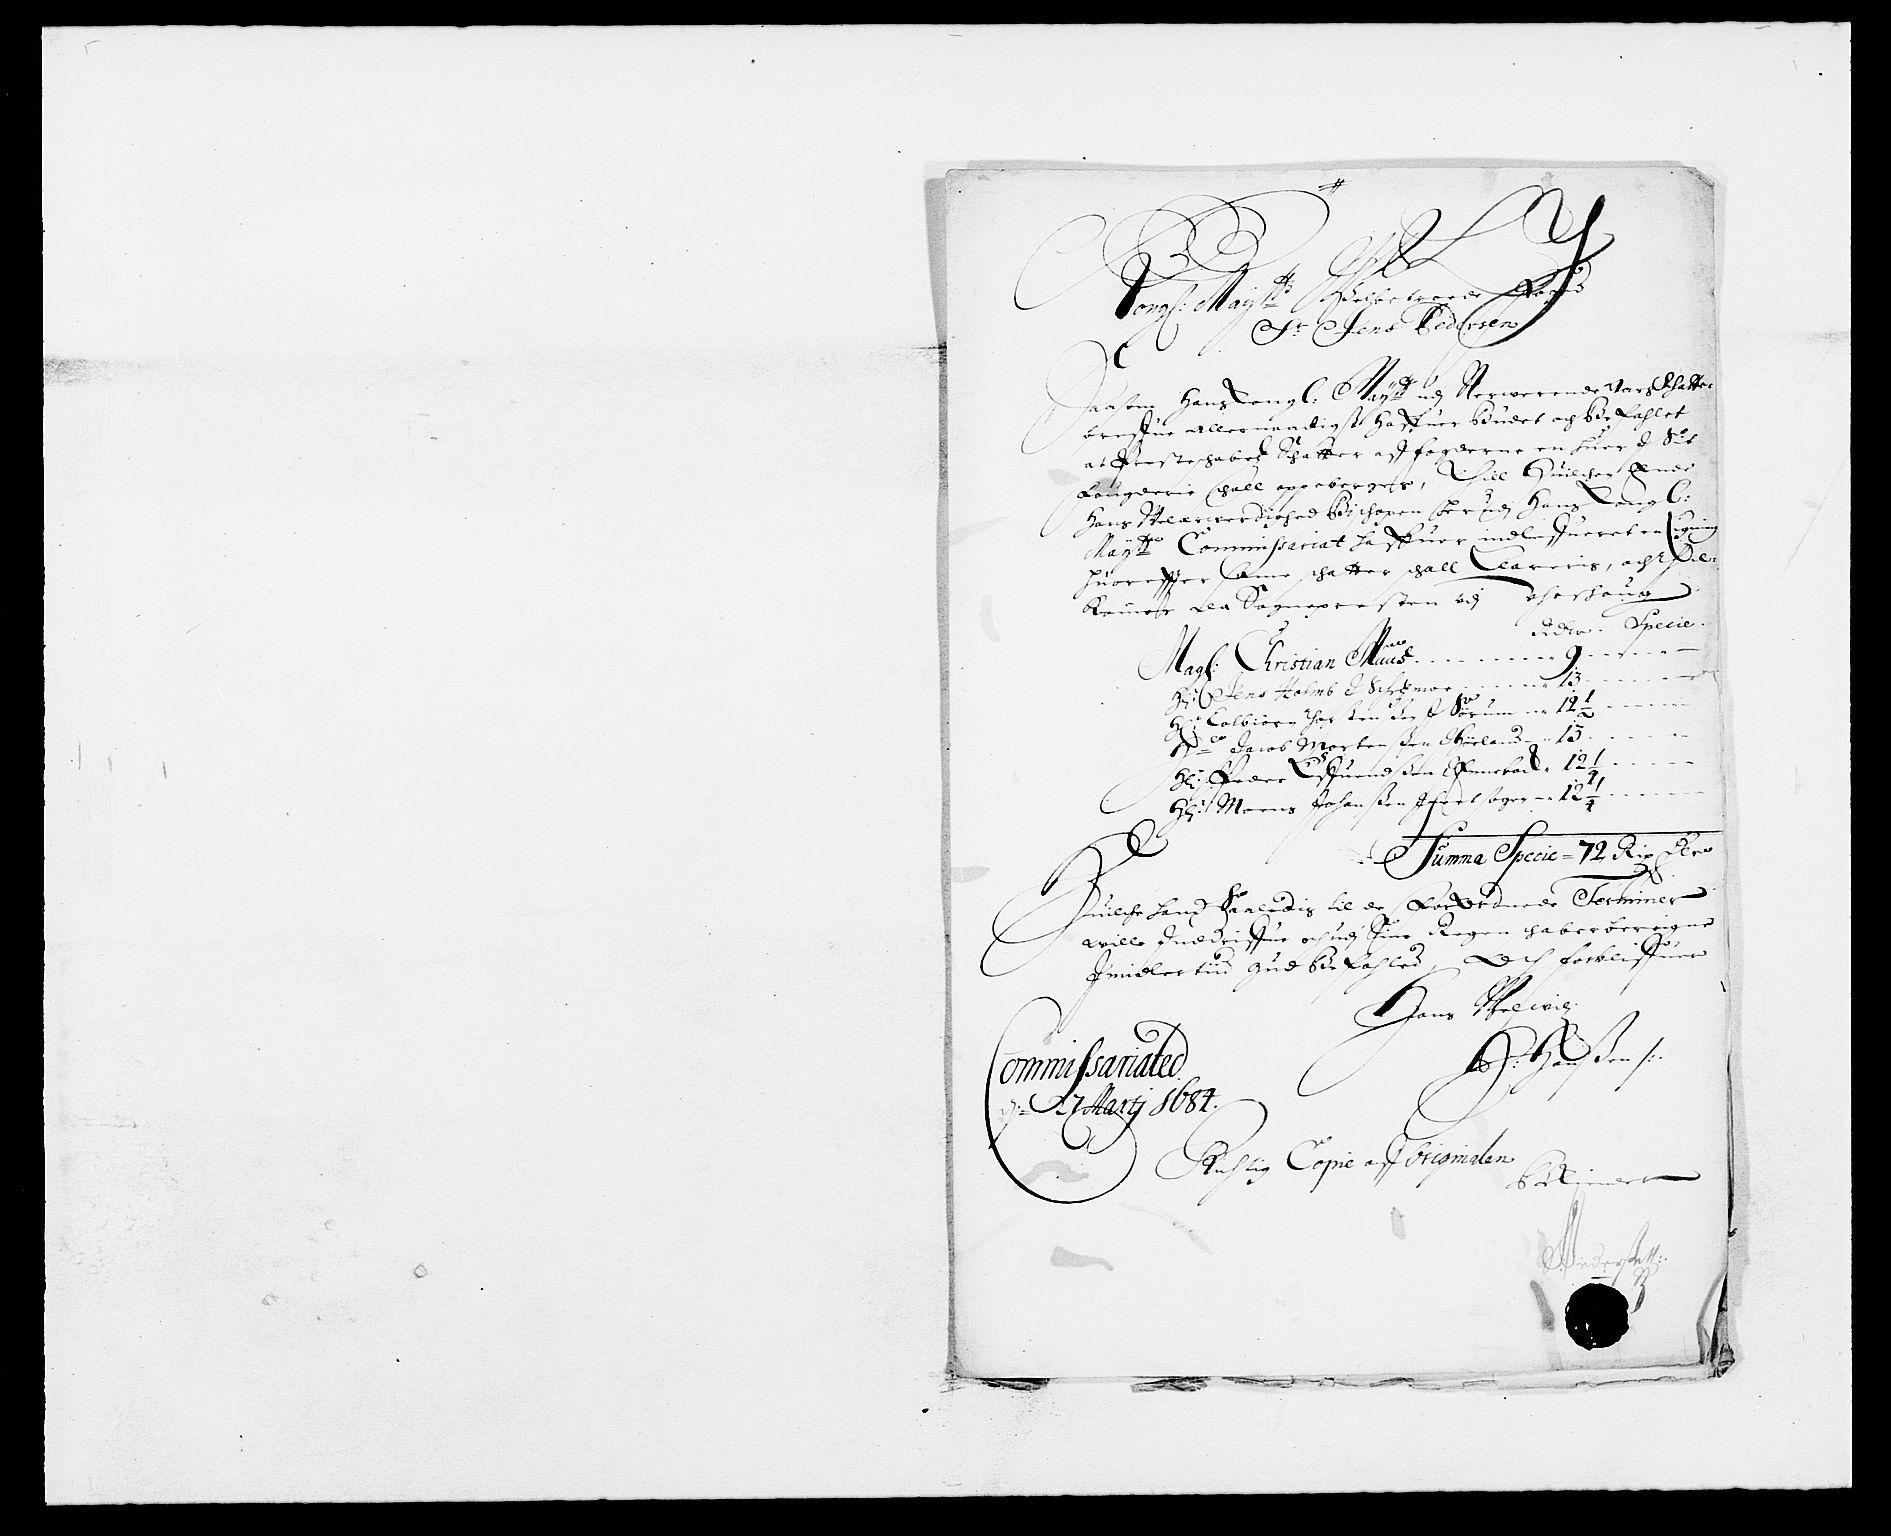 RA, Rentekammeret inntil 1814, Reviderte regnskaper, Fogderegnskap, R11/L0571: Fogderegnskap Nedre Romerike, 1683-1685, s. 321